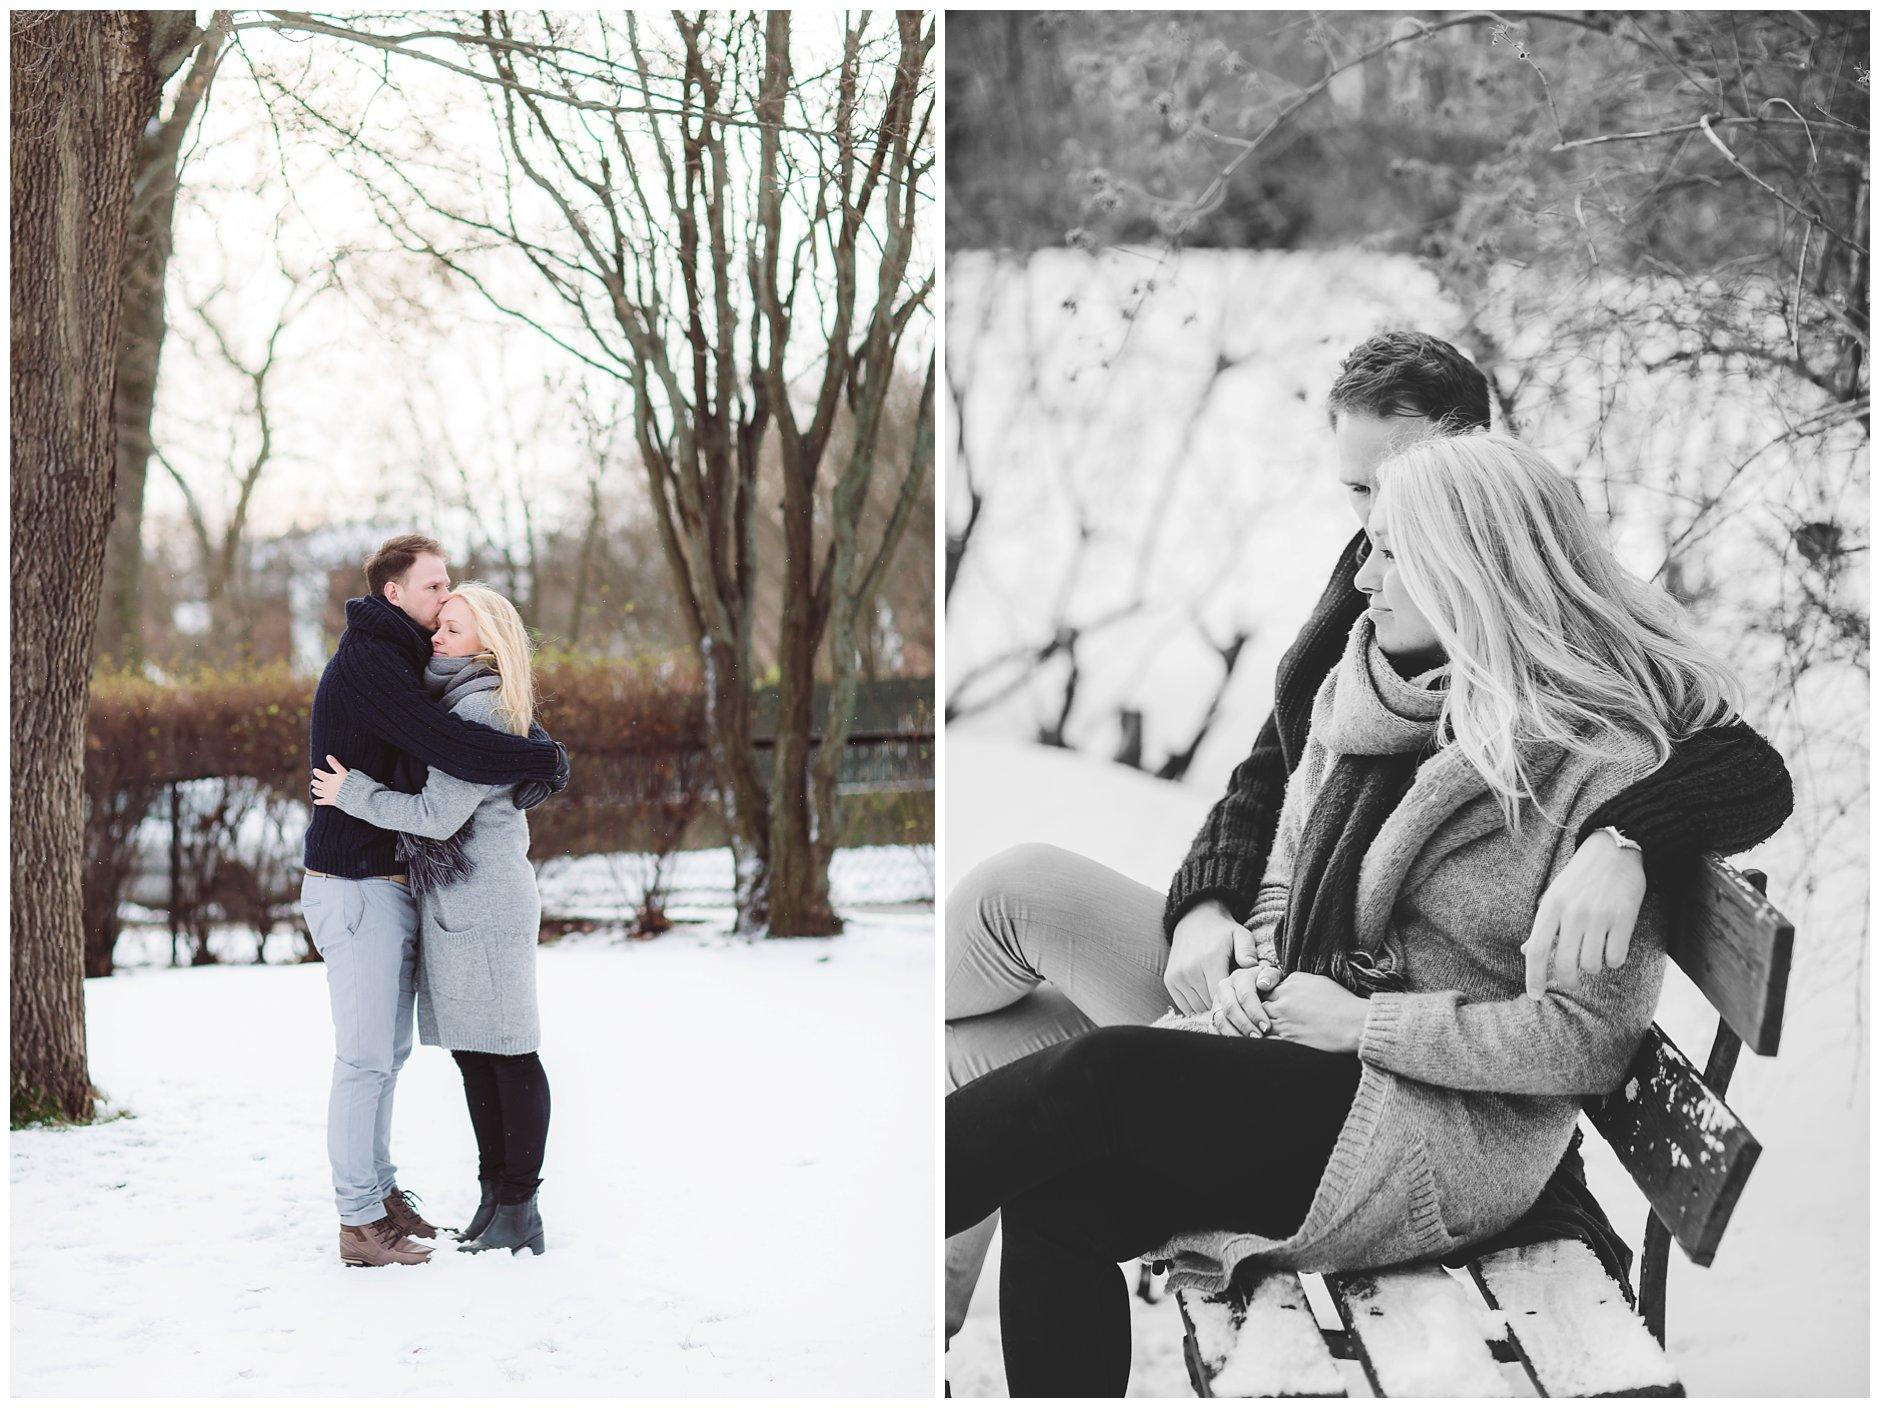 vinterbilder av forlovet par